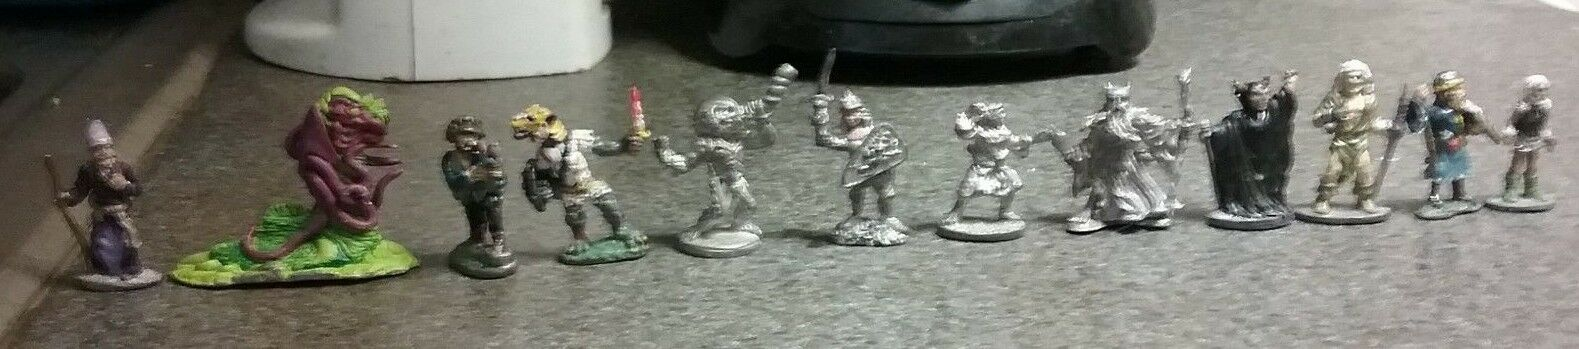 Warhammer Fantasy Game  figures 12x Set, la plupart peints, toutes les miniatures métalliques  abordable